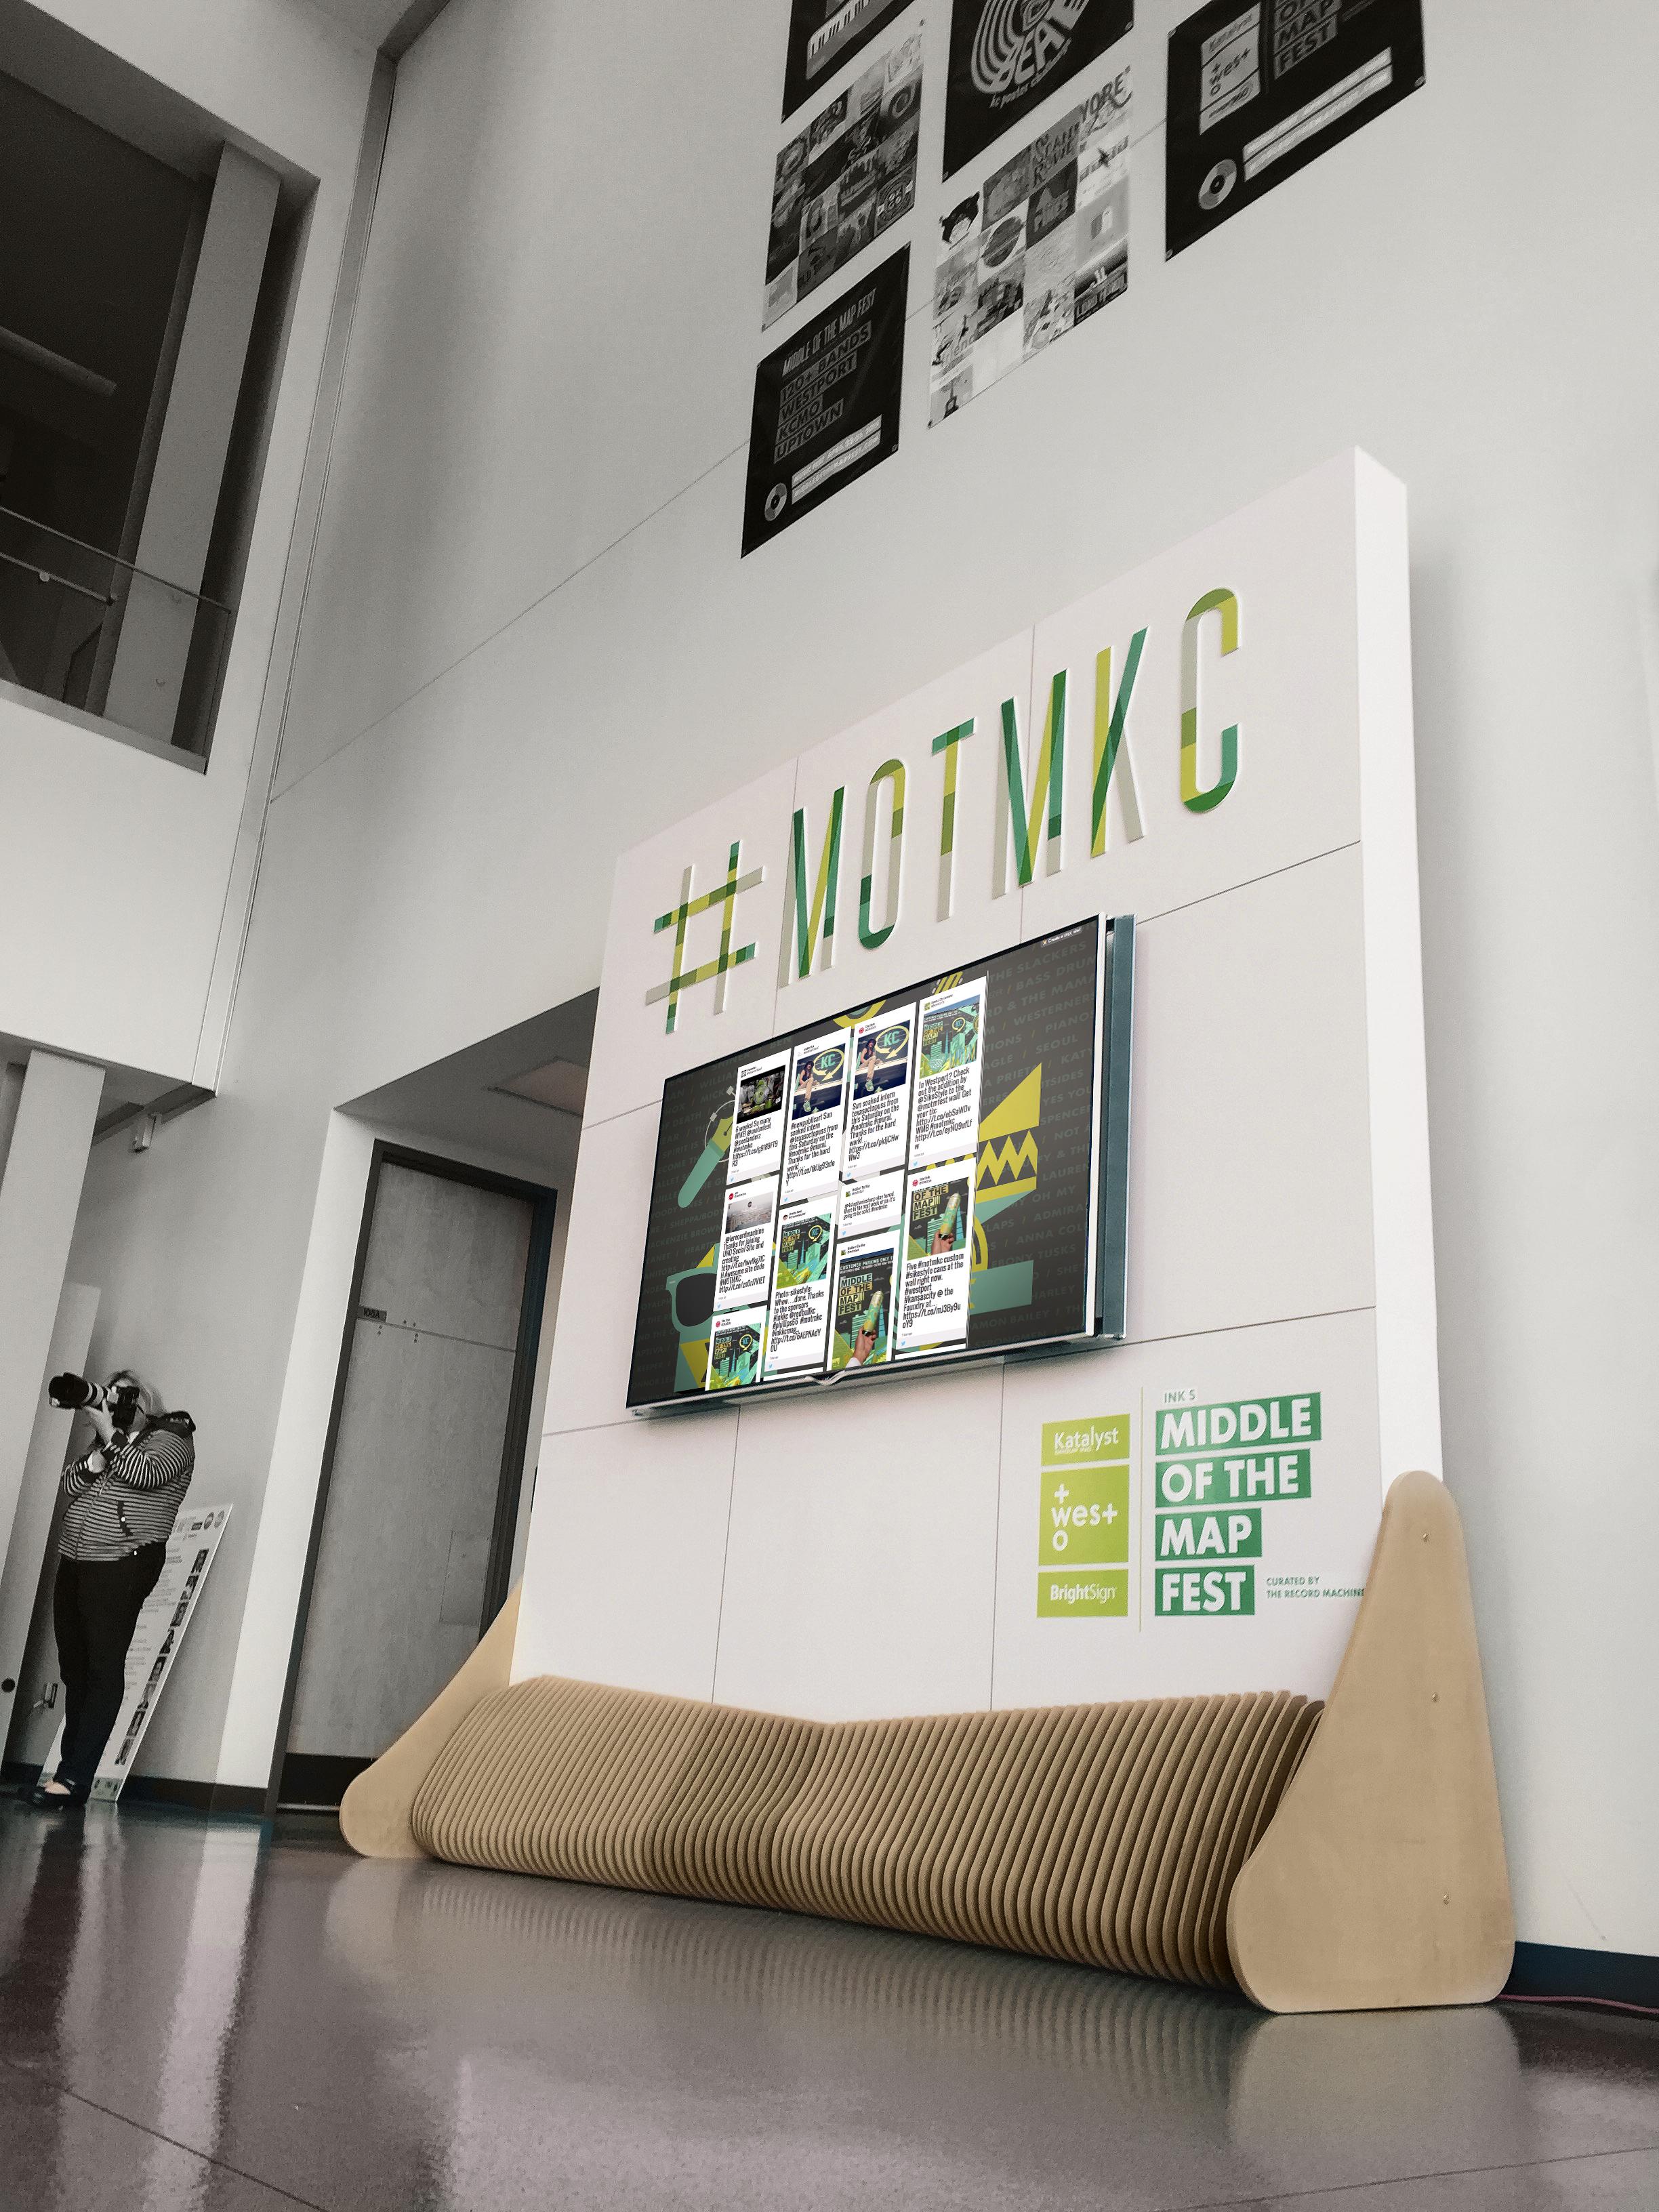 Display - Social Feed wall